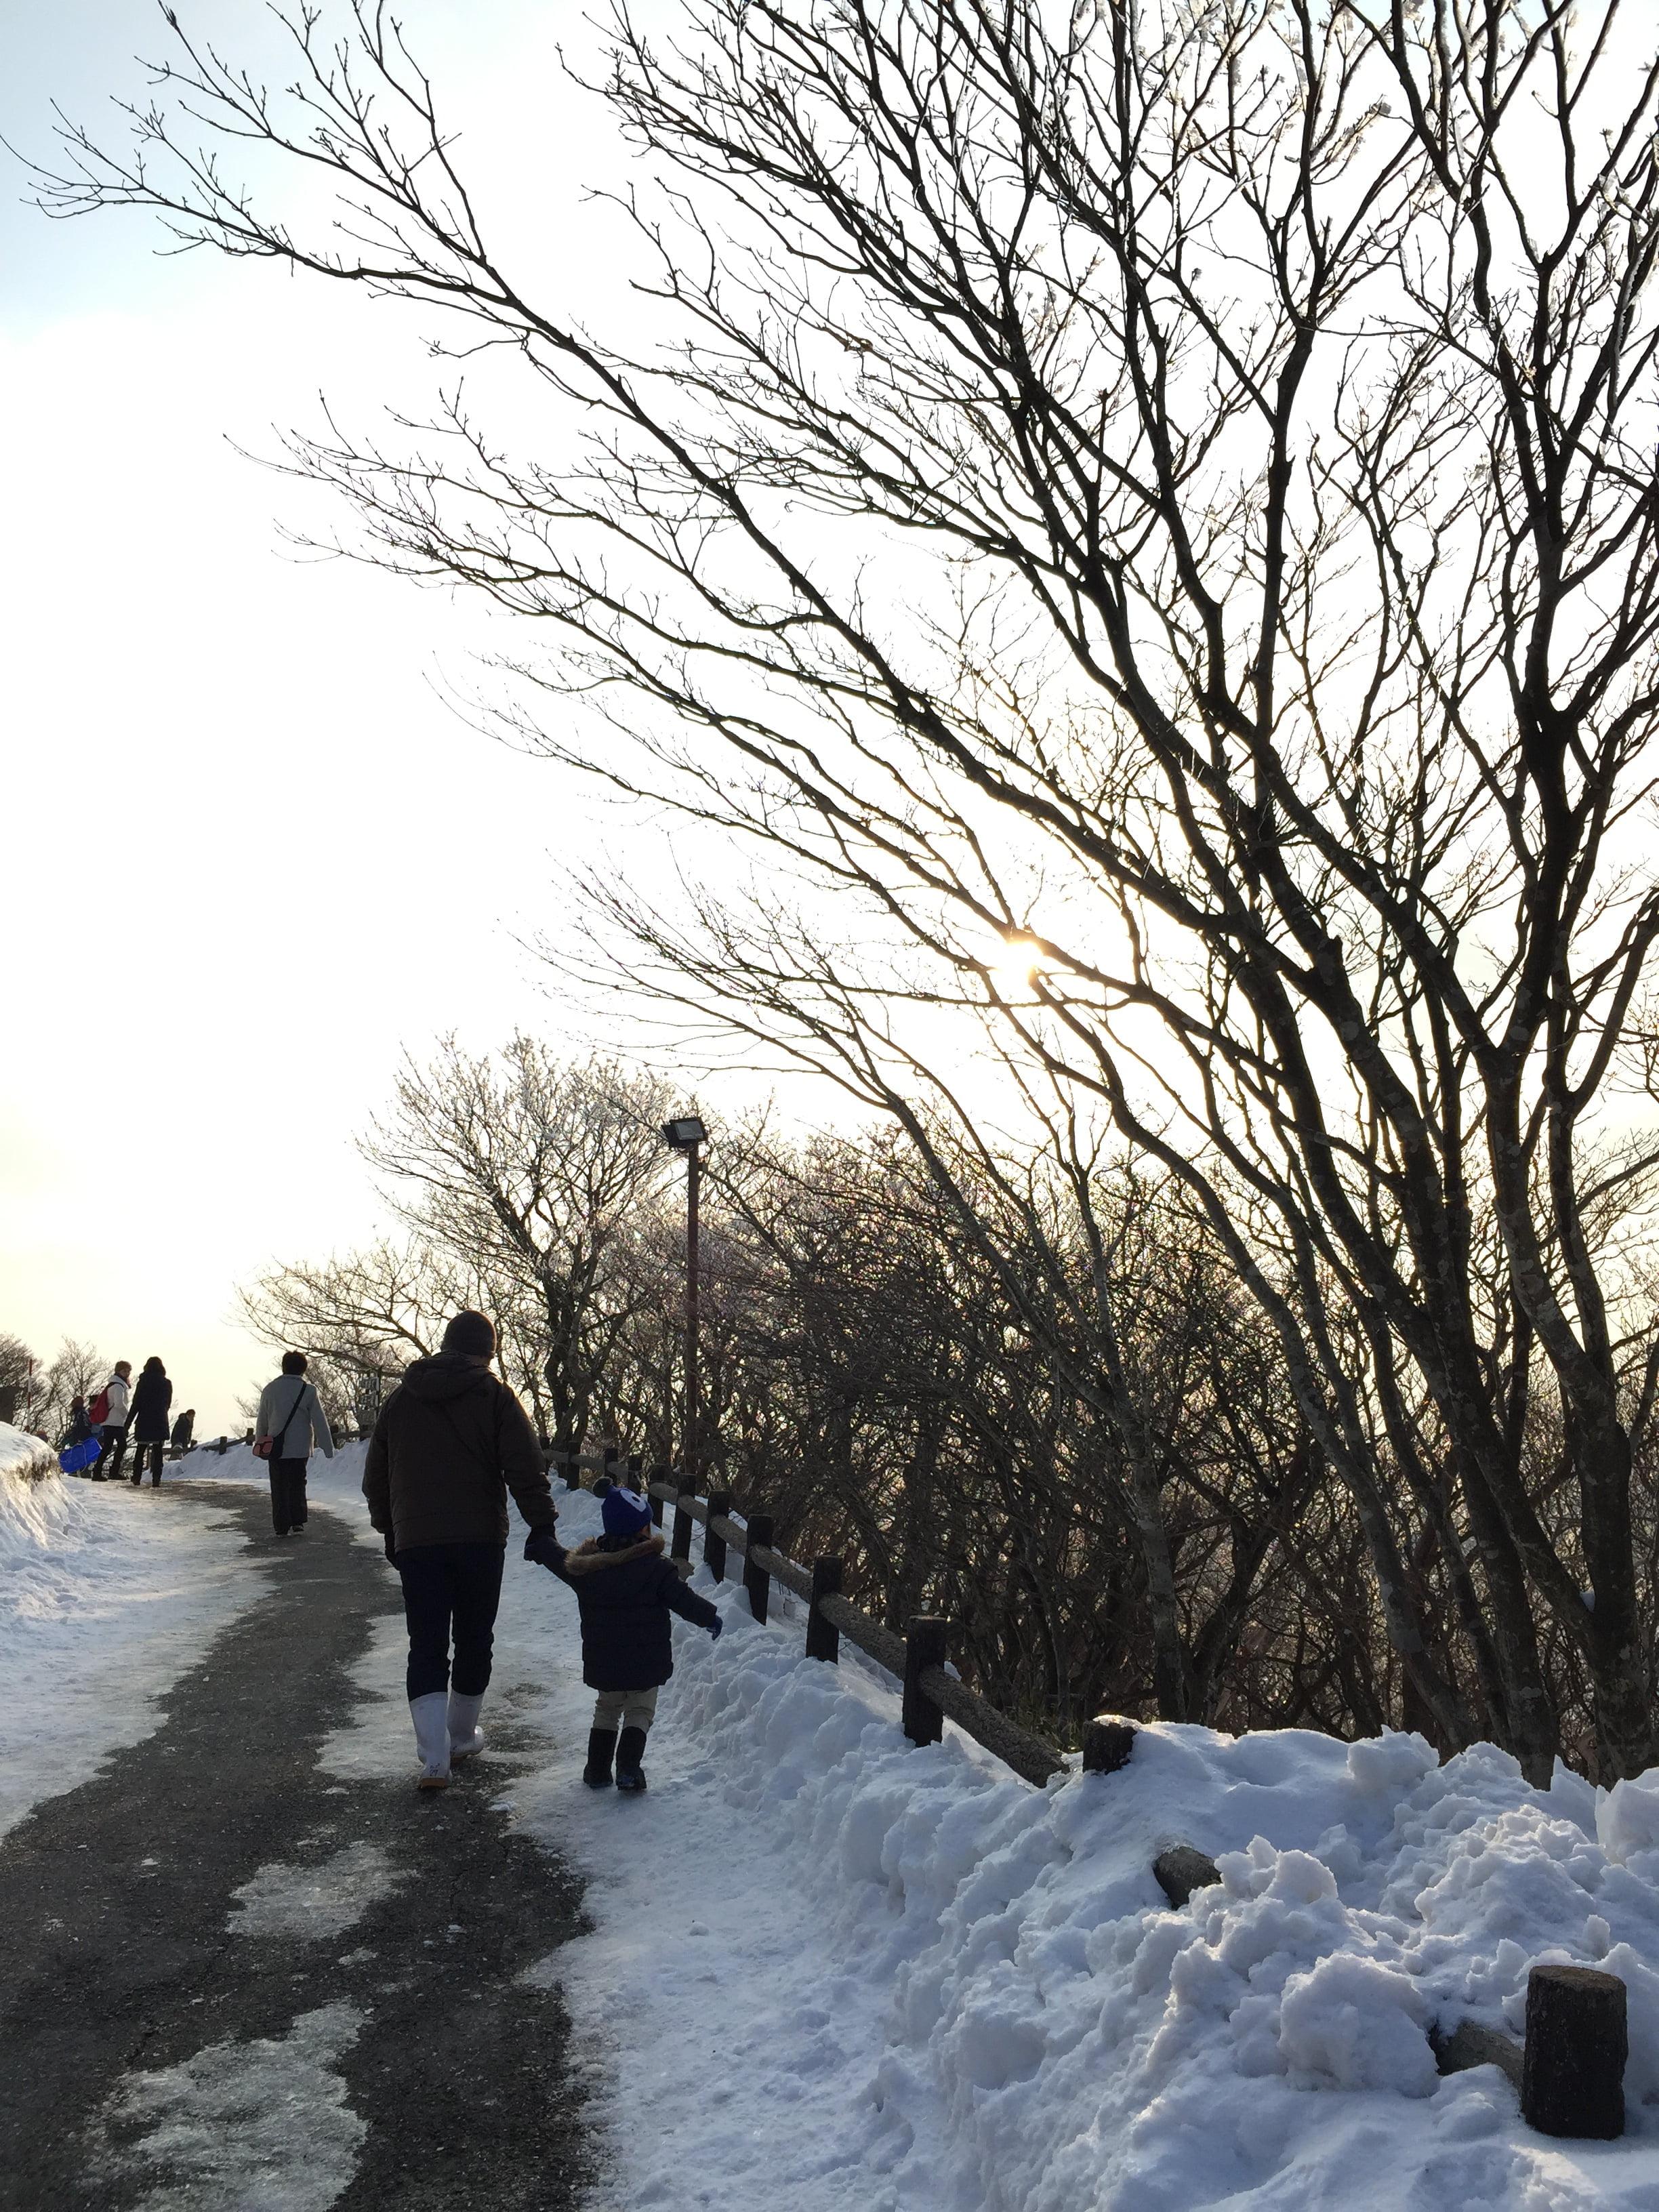 御在所山上的雪景